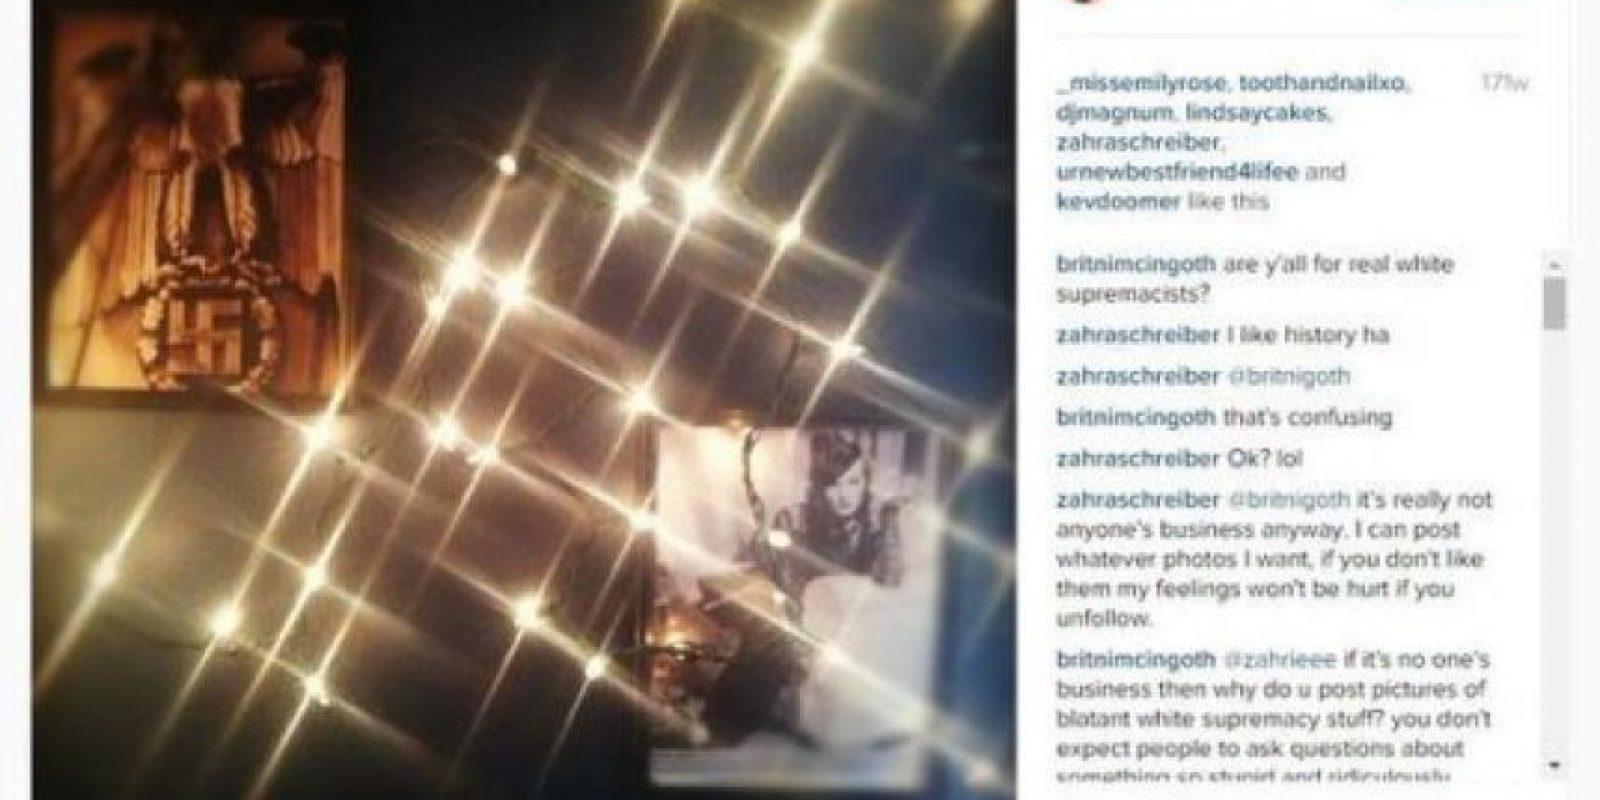 Pero volvieron a salir a la luz estas imágenes que publicó en 2012 Foto:Vía instagram.com/zahraschreiber